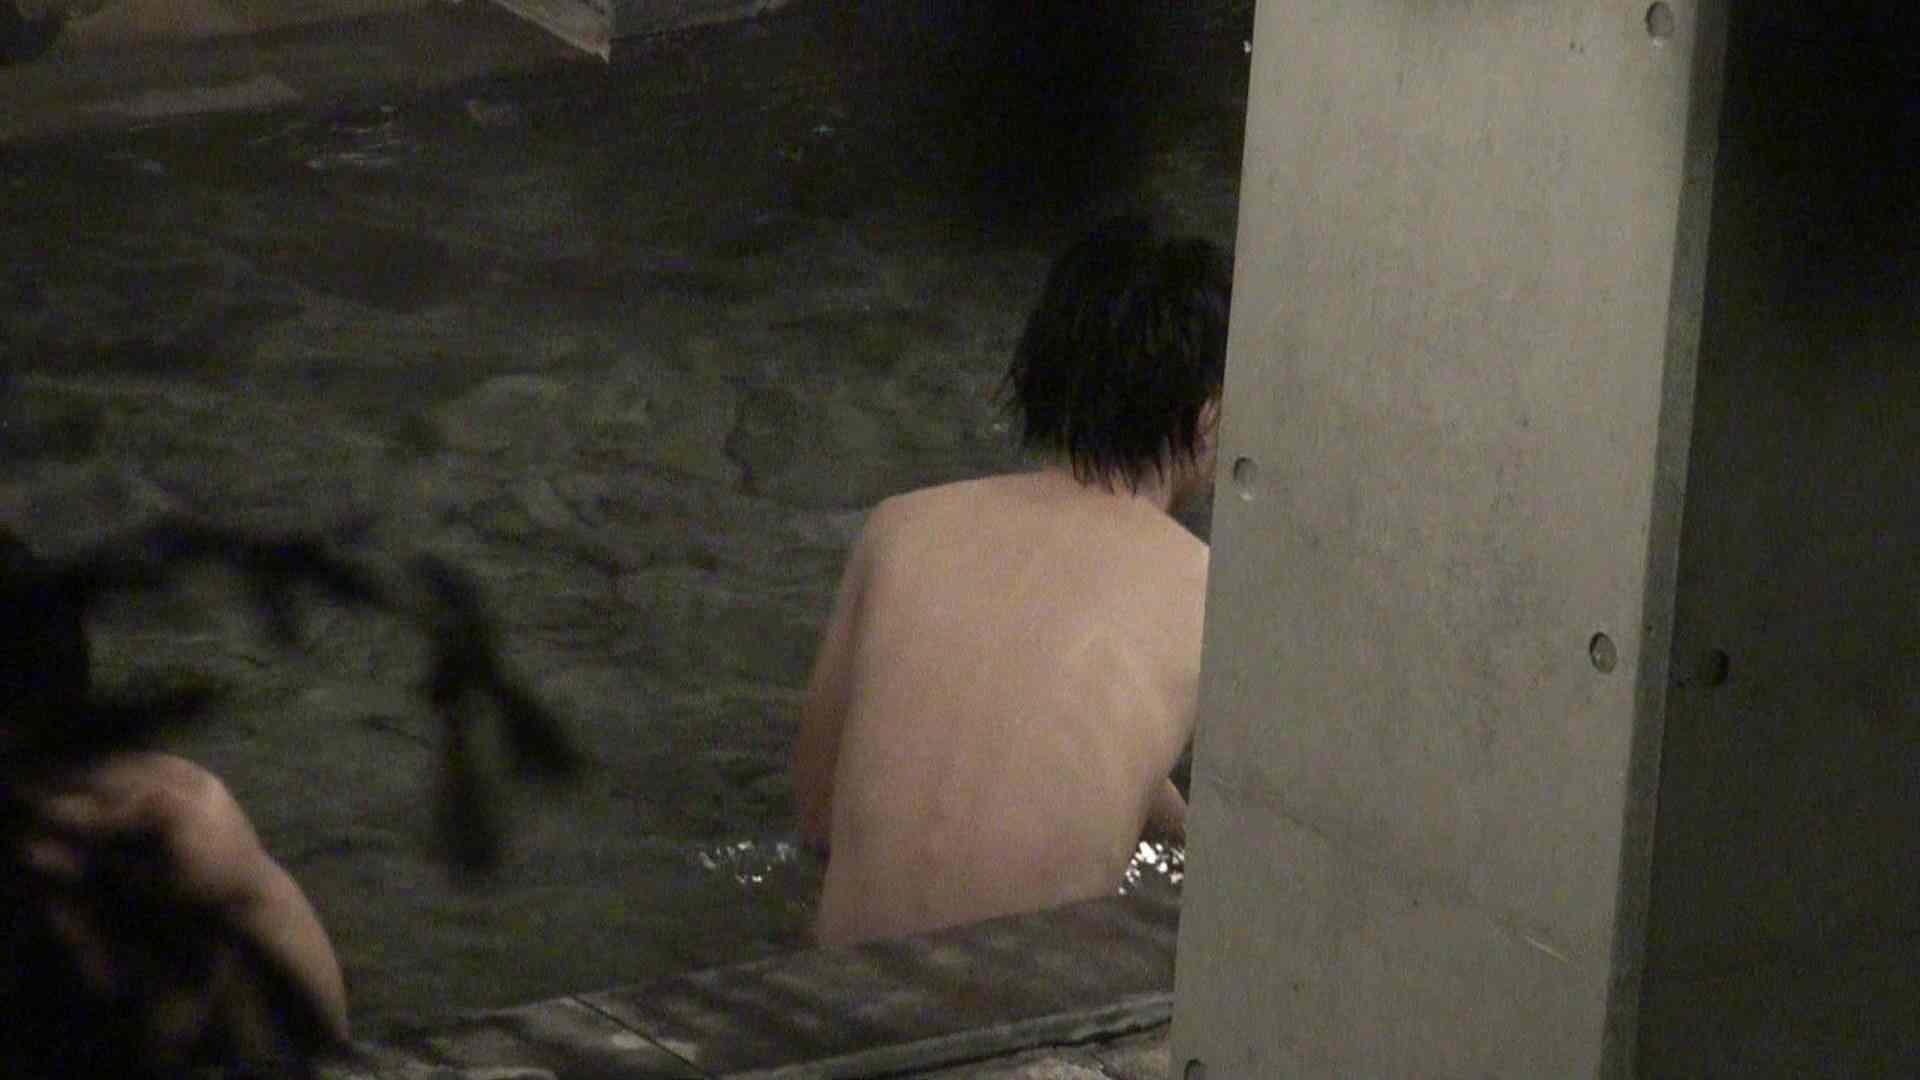 Aquaな露天風呂Vol.323 露天 | 盗撮特集  86画像 68